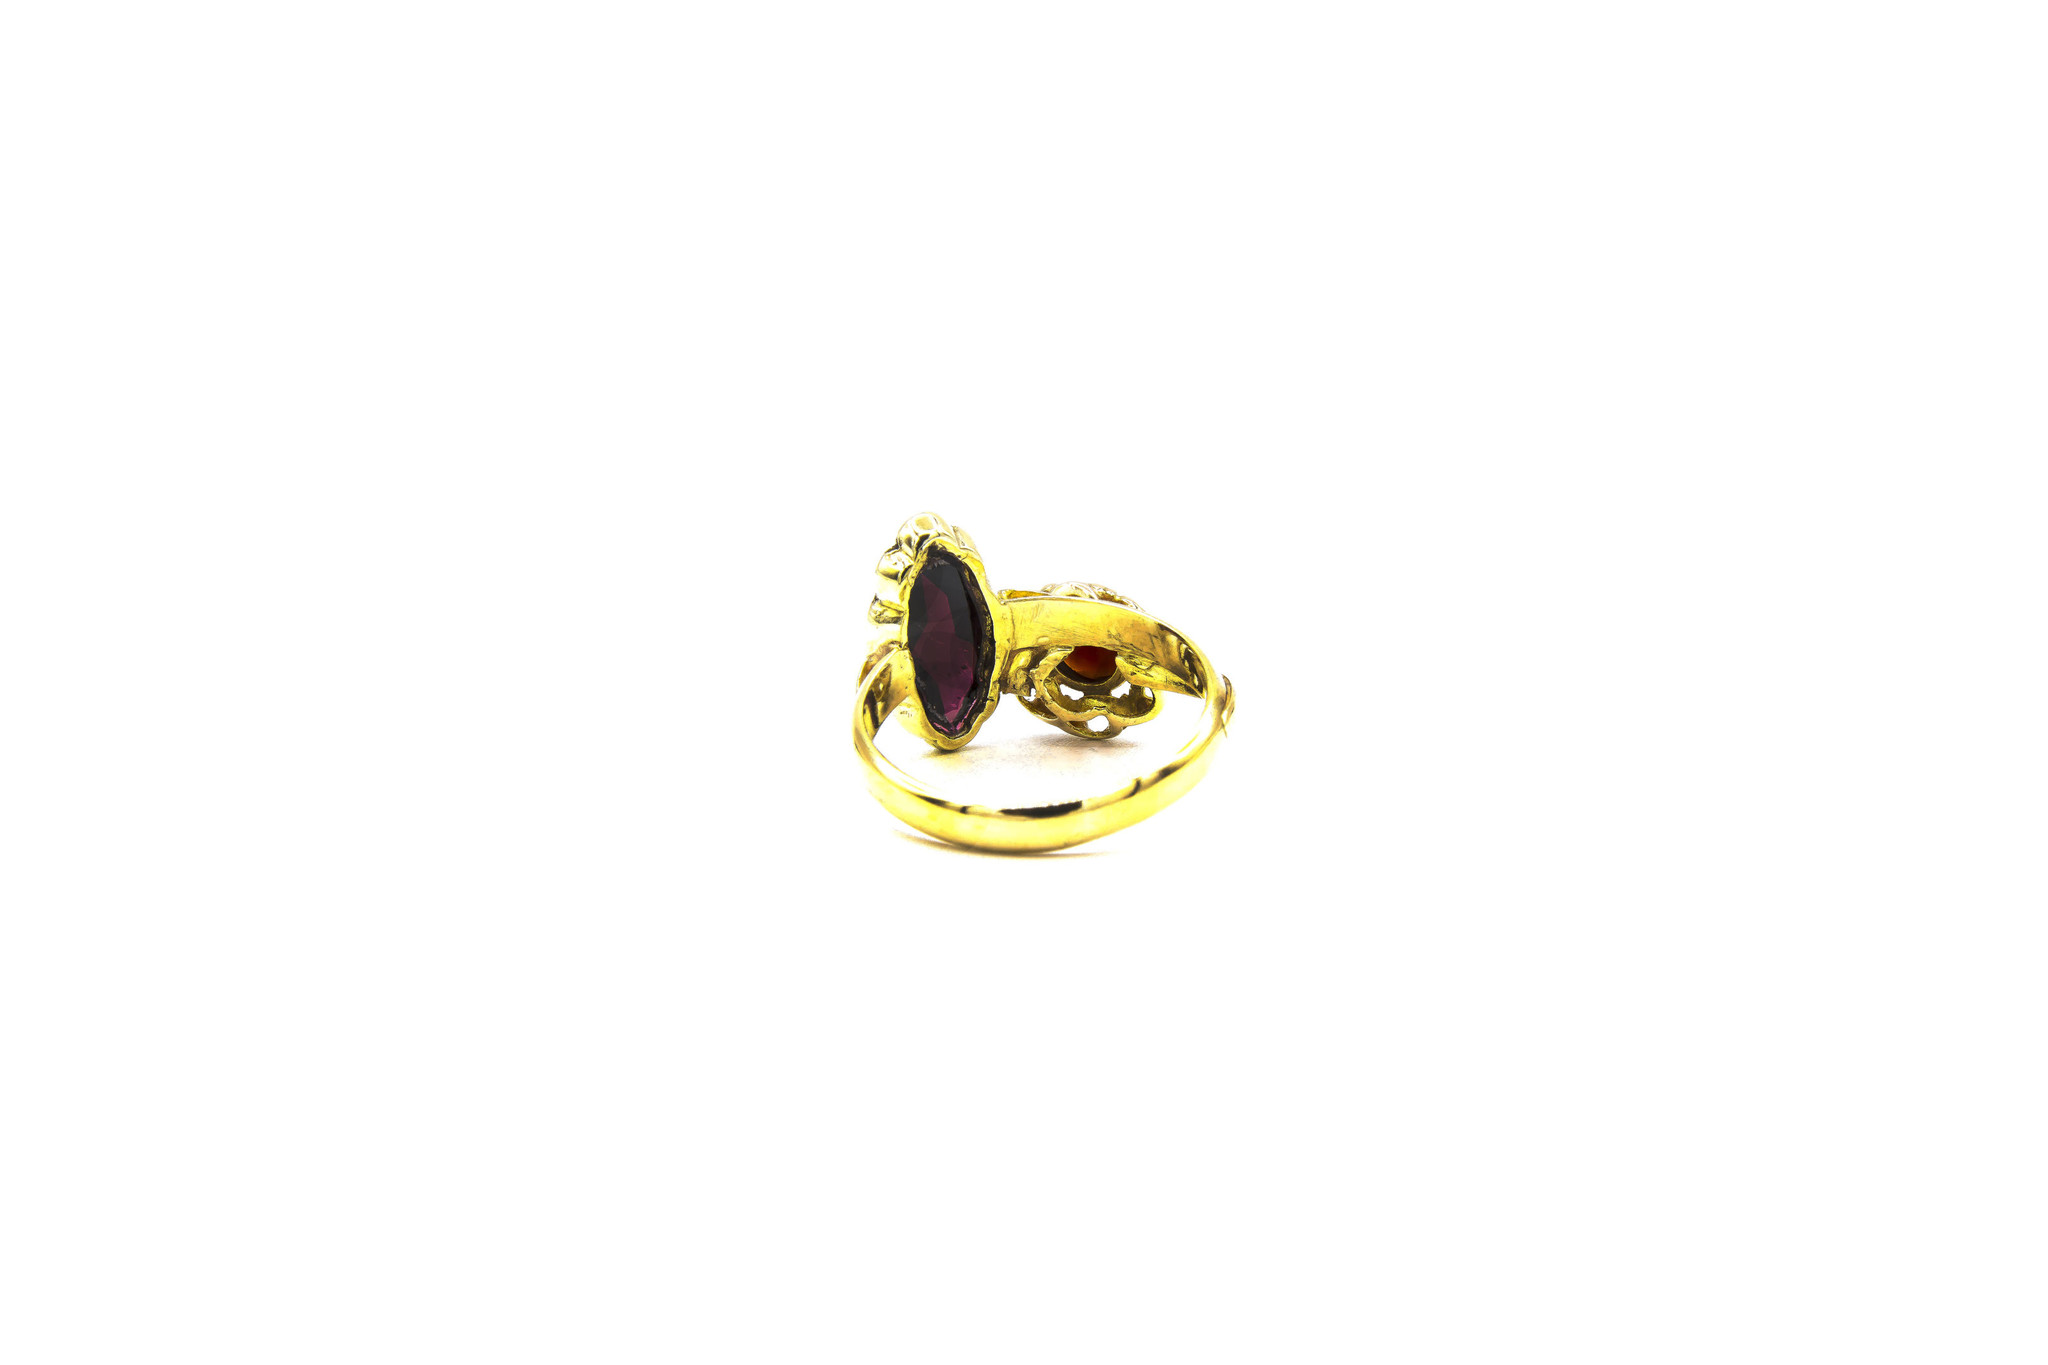 Ring samengesteld van 2 exemplaren met 2 donkerrode stenen-5